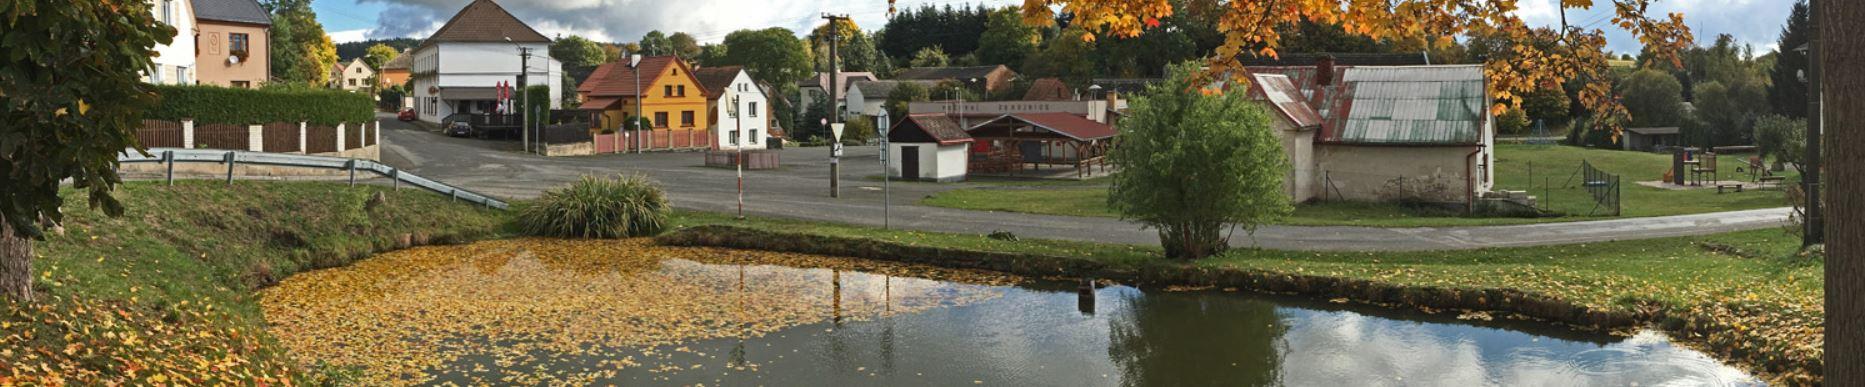 Obec Křelovice na Plzeňsku s přidruženými vesnicemi Mydlovary, Pakoslav a Rozněvice